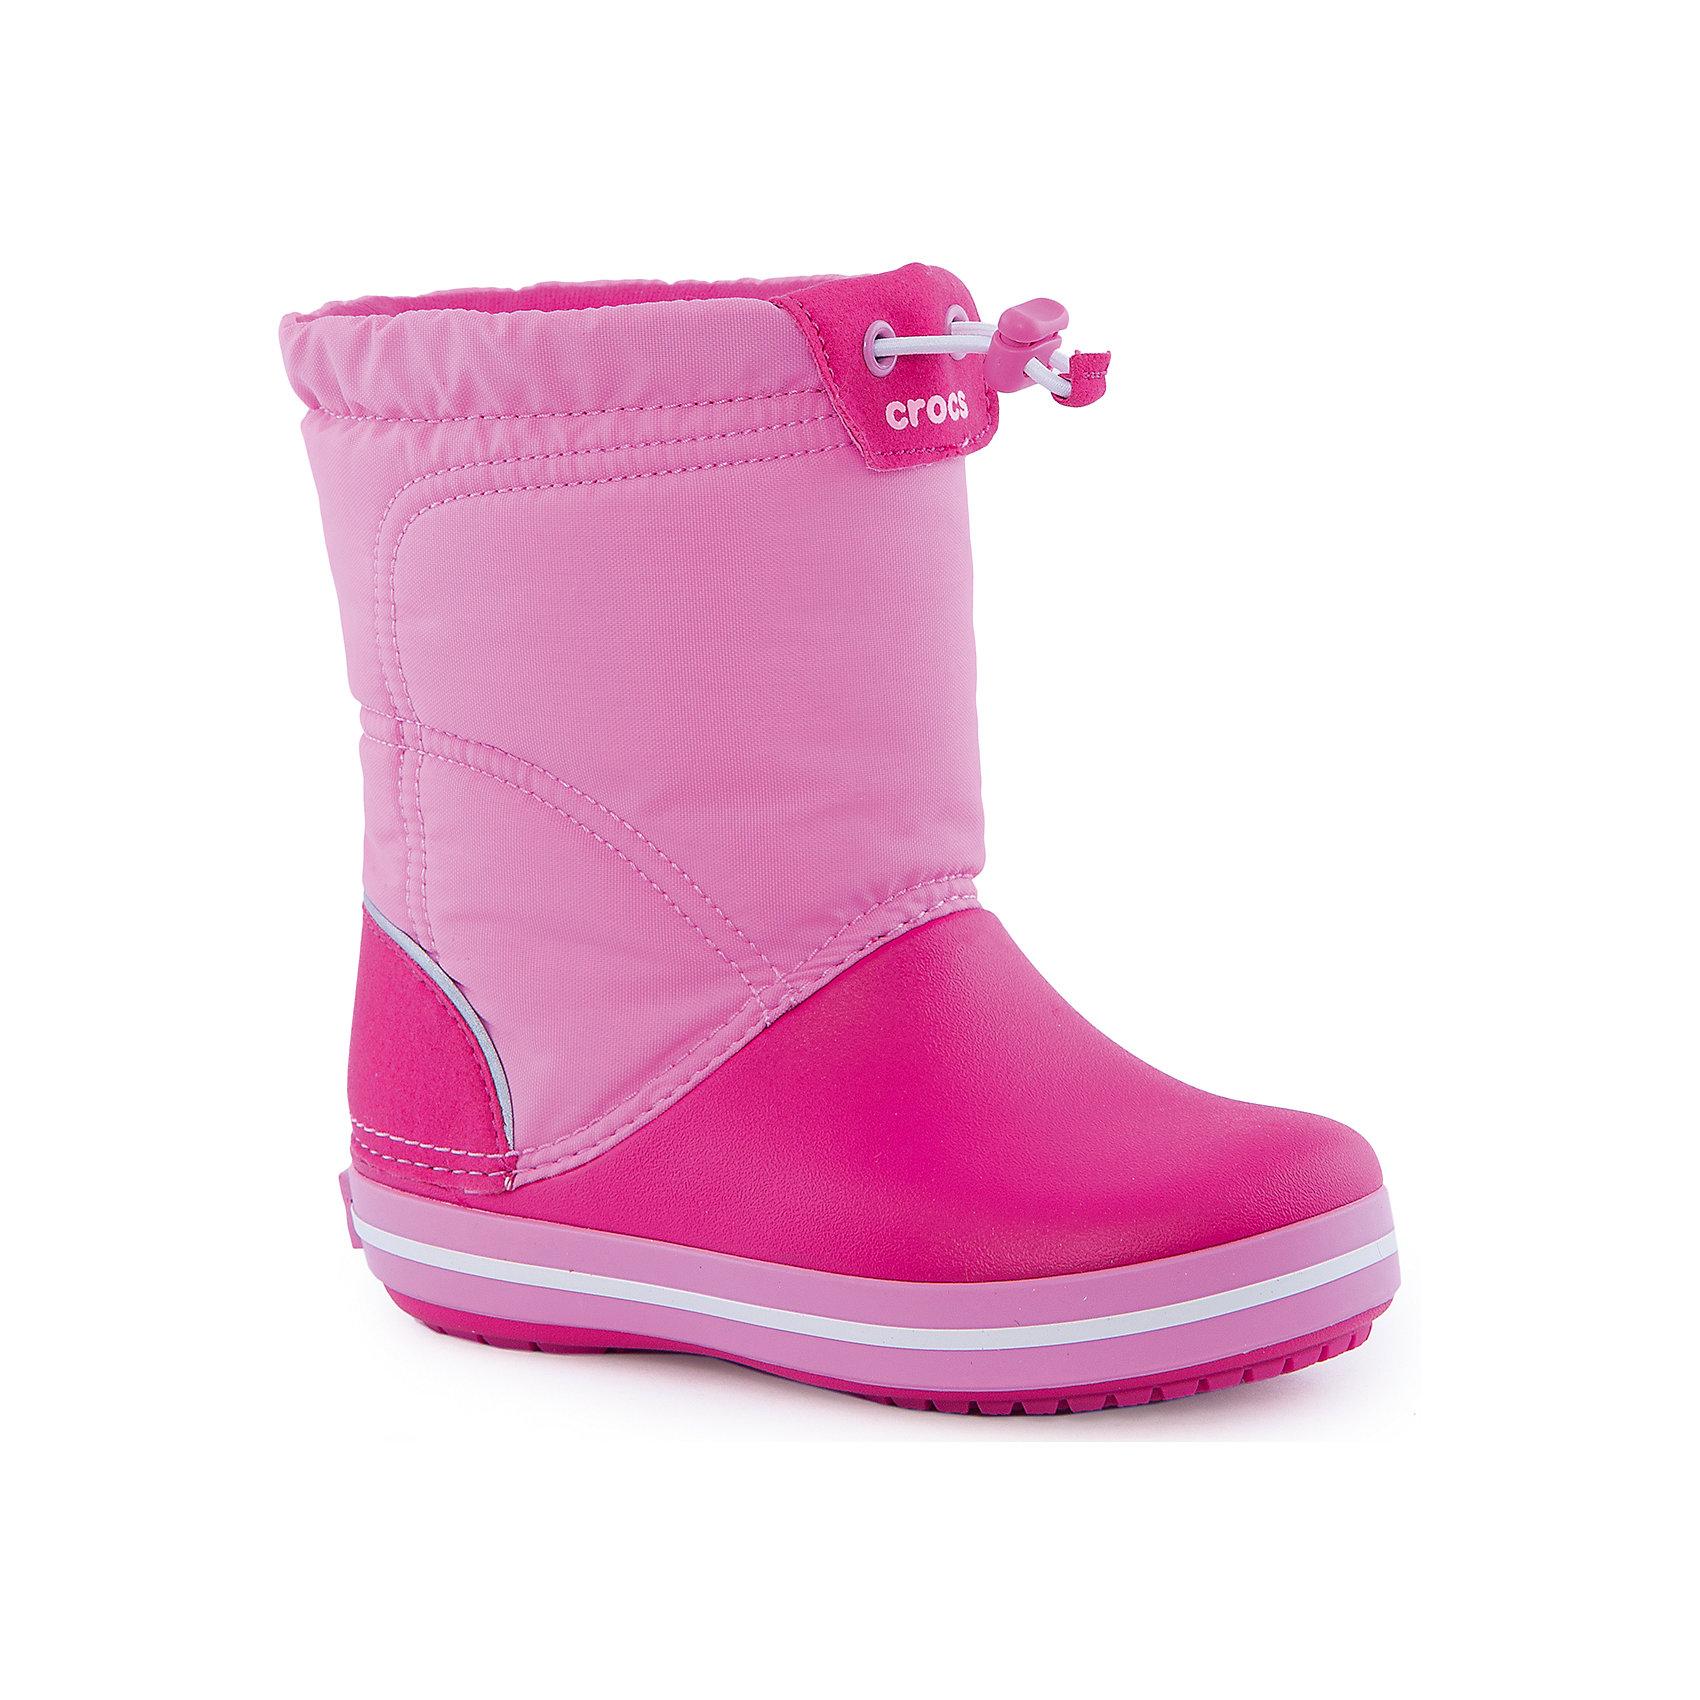 Сапоги Kids' Crocband LodgePoint Boot CrocsРезиновые сапоги<br>Характеристики товара:<br><br>• цвет: розовый<br>• материал: верх - текстиль, низ -100% полимер Croslite™<br>• материал подкладки: текстиль<br>• непромокаемая носочная часть<br>• температурный режим: от -15° до +10° С<br>• легко очищаются<br>• антискользящая подошва<br>• шнурок со стоппером<br>• толстая устойчивая подошва<br>• страна бренда: США<br>• страна изготовитель: Китай<br><br>Сапоги могут быть и стильными, и теплыми! Для детской обуви крайне важно, чтобы она была удобной. Такие сапоги обеспечивают детям необходимый комфорт, а теплая подкладка создает особый микроклимат. Сапоги легко надеваются и снимаются, отлично сидят на ноге. Материал, из которого они сделаны, не дает размножаться бактериям, поэтому такая обувь препятствует образованию неприятного запаха и появлению болезней стоп. Данная модель особенно понравится детям - ведь в них можно бегать по лужам!<br>Обувь от американского бренда Crocs в данный момент завоевала широкую популярность во всем мире, и это не удивительно - ведь она невероятно удобна. Её носят врачи, спортсмены, звёзды шоу-бизнеса, люди, которым много времени приходится бывать на ногах - они понимают, как важна комфортная обувь. Продукция Crocs - это качественные товары, созданные с применением новейших технологий. Обувь отличается стильным дизайном и продуманной конструкцией. Изделие производится из качественных и проверенных материалов, которые безопасны для детей.<br><br>Сапоги для девочки от торговой марки Crocs можно купить в нашем интернет-магазине.<br><br>Ширина мм: 237<br>Глубина мм: 180<br>Высота мм: 152<br>Вес г: 438<br>Цвет: розовый<br>Возраст от месяцев: 18<br>Возраст до месяцев: 21<br>Пол: Женский<br>Возраст: Детский<br>Размер: 26,31,33,34,23,27,28,29,30,24,25<br>SKU: 4940708